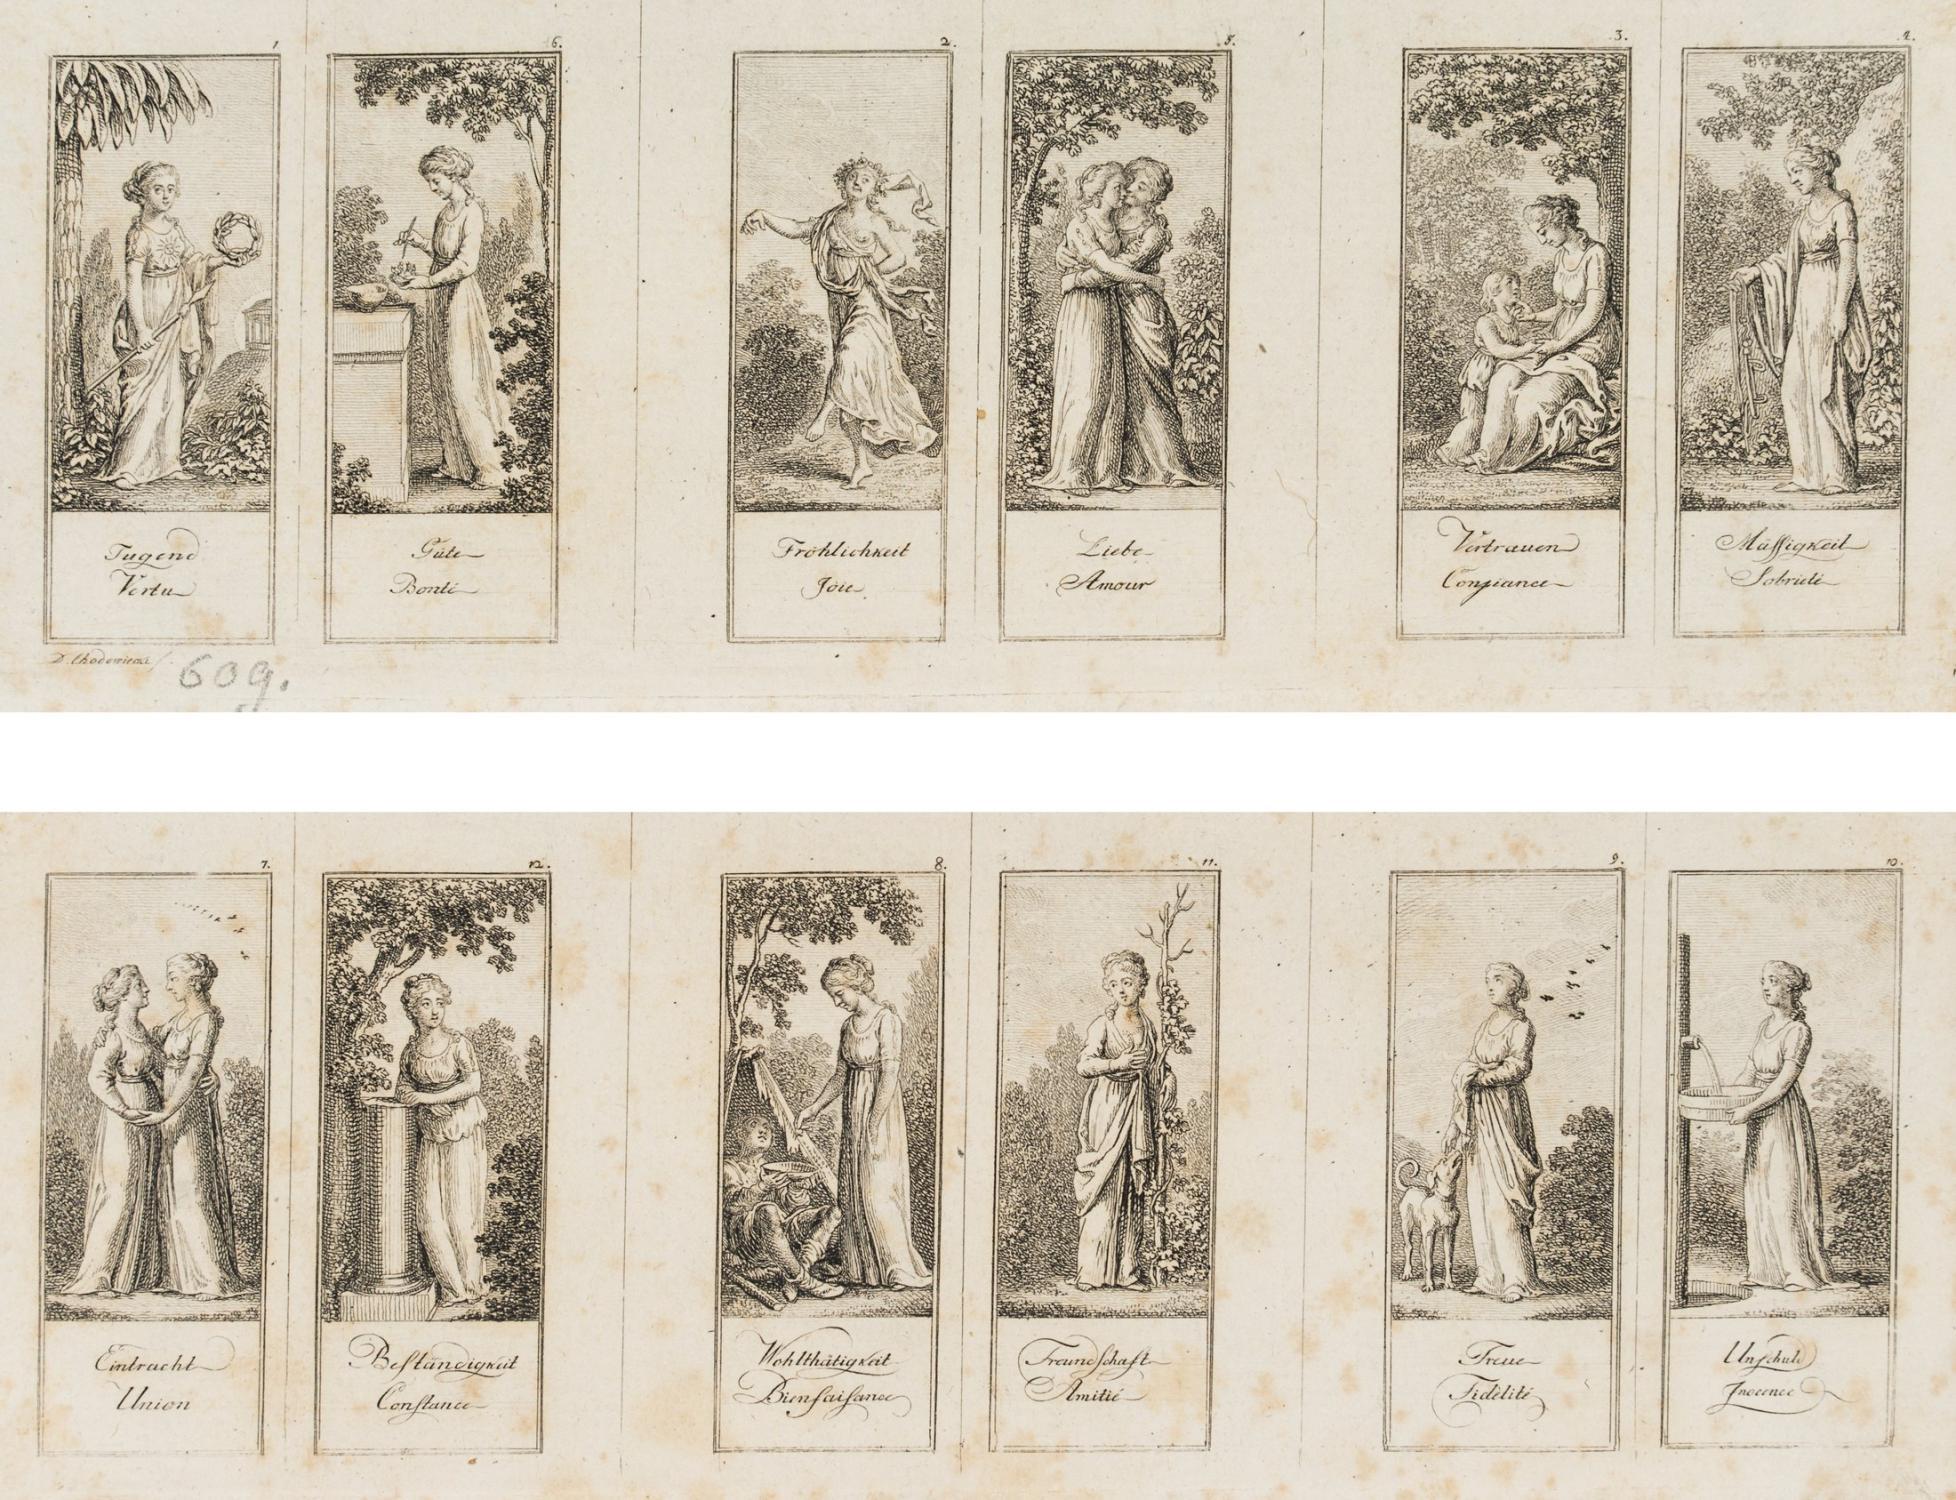 viaLibri ~ Rare Books from 1789 - Page 9